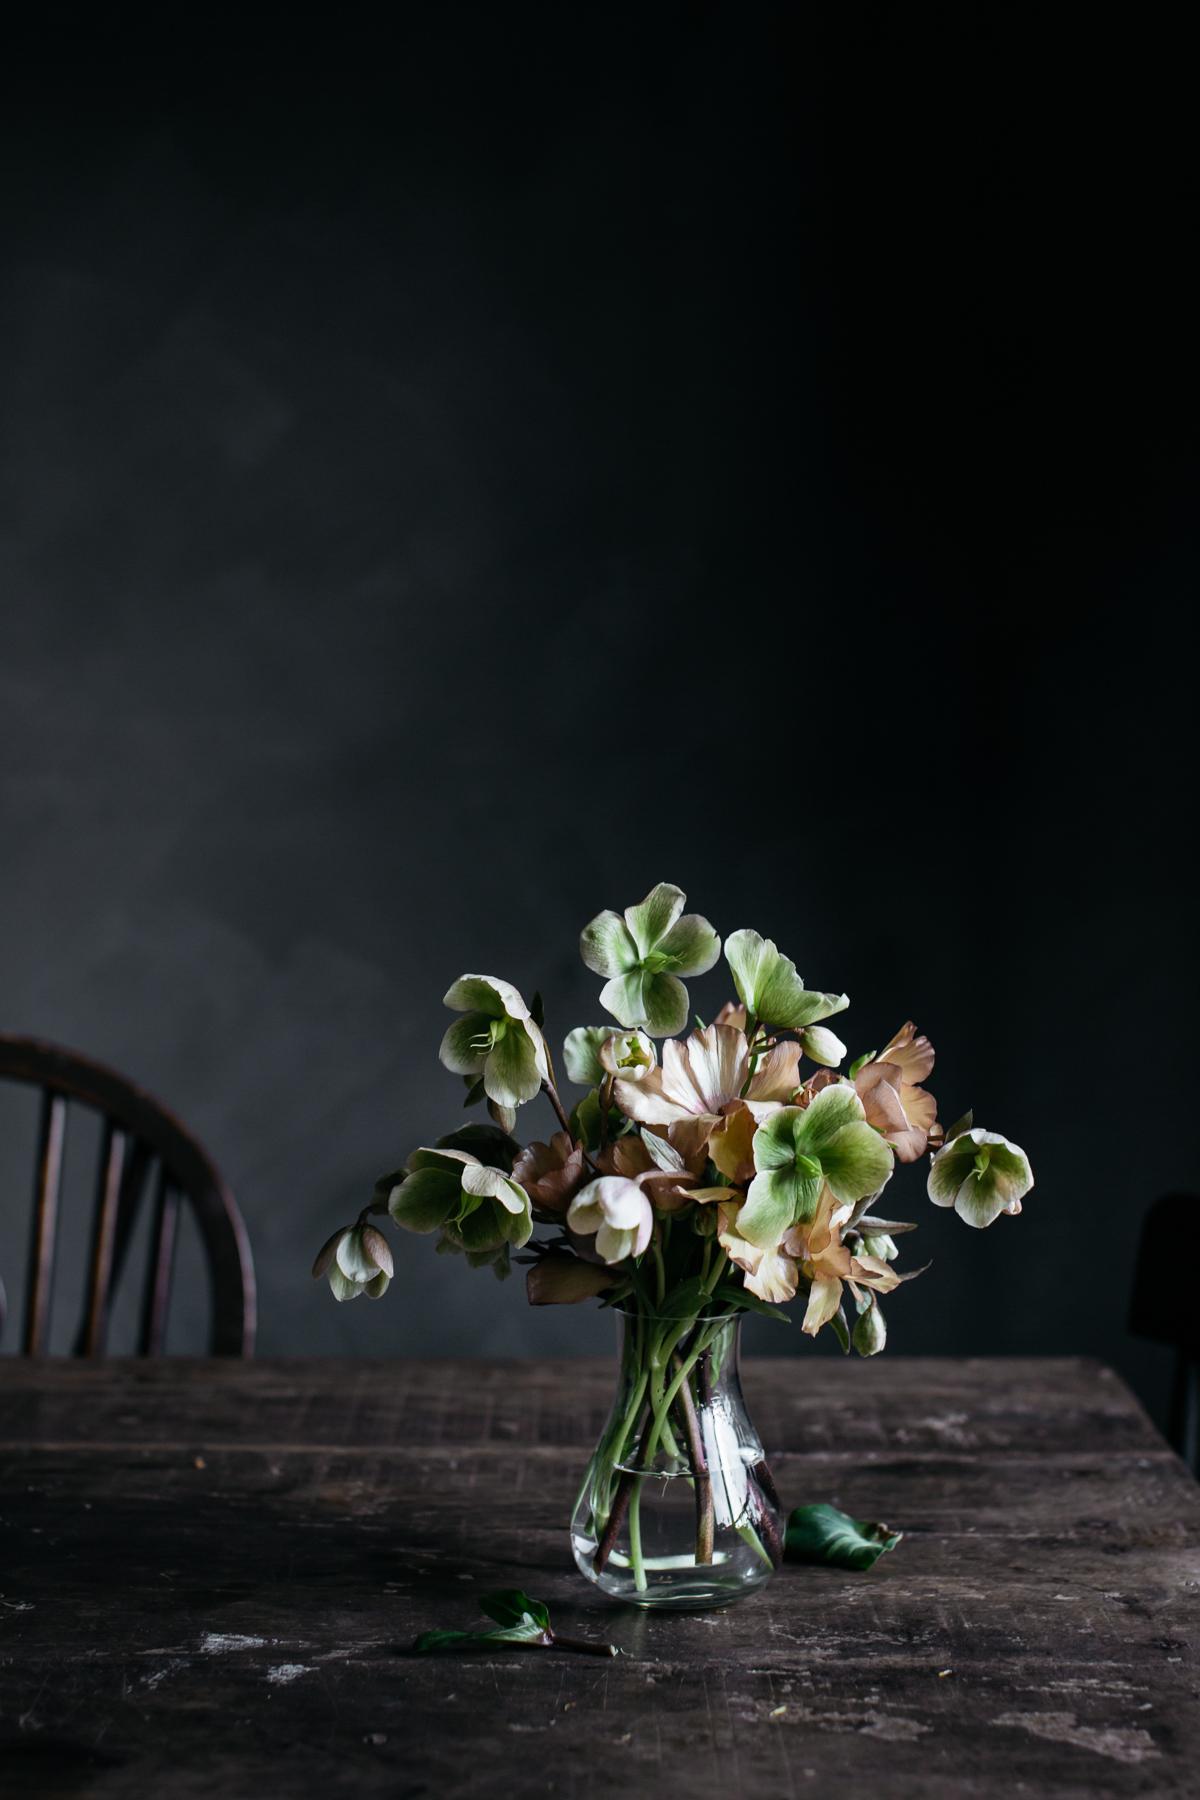 flowerontable_暗角-1.jpg